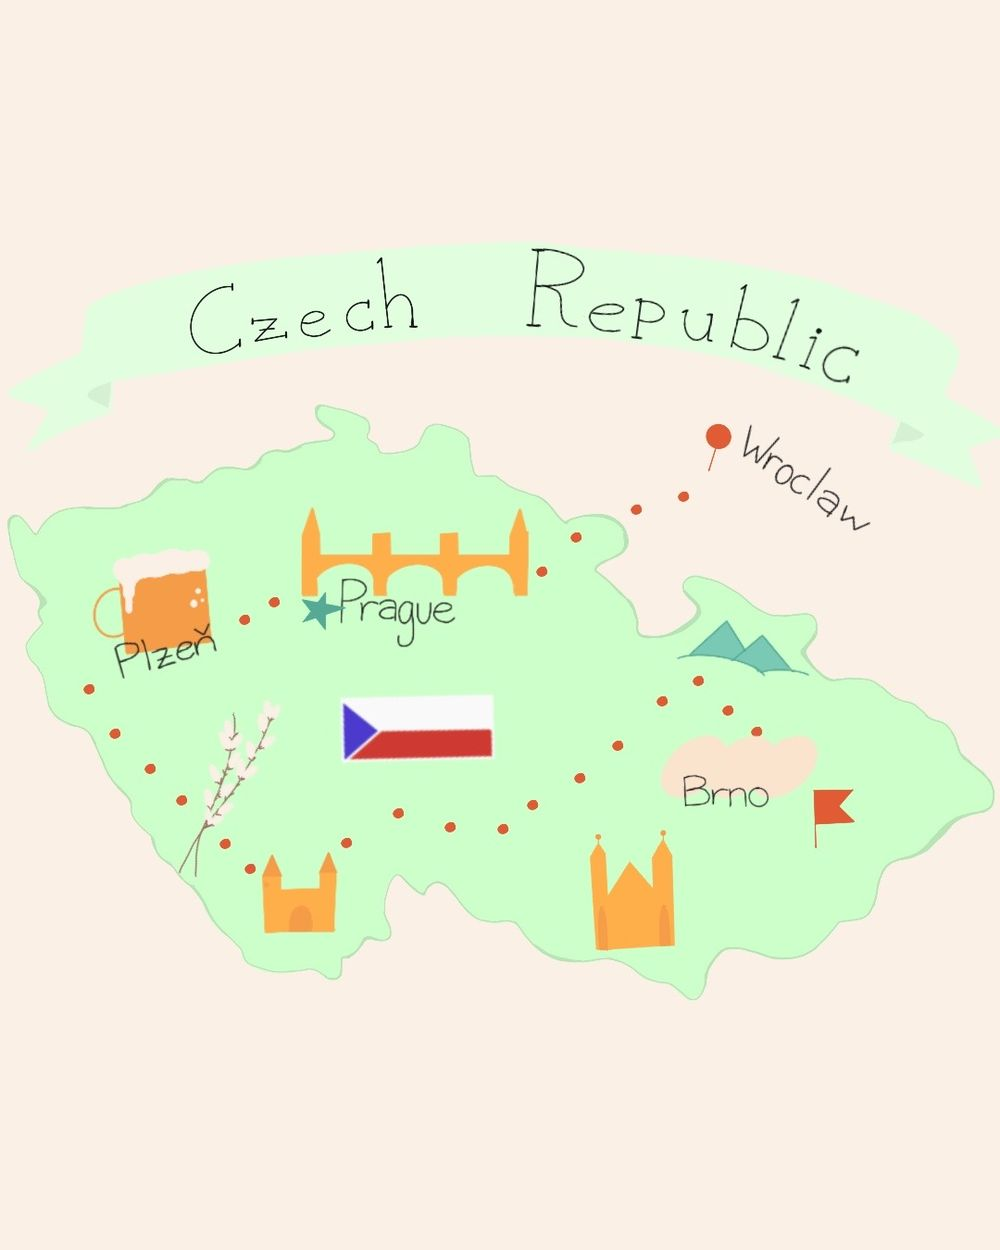 Czech Republic - image 1 - student project